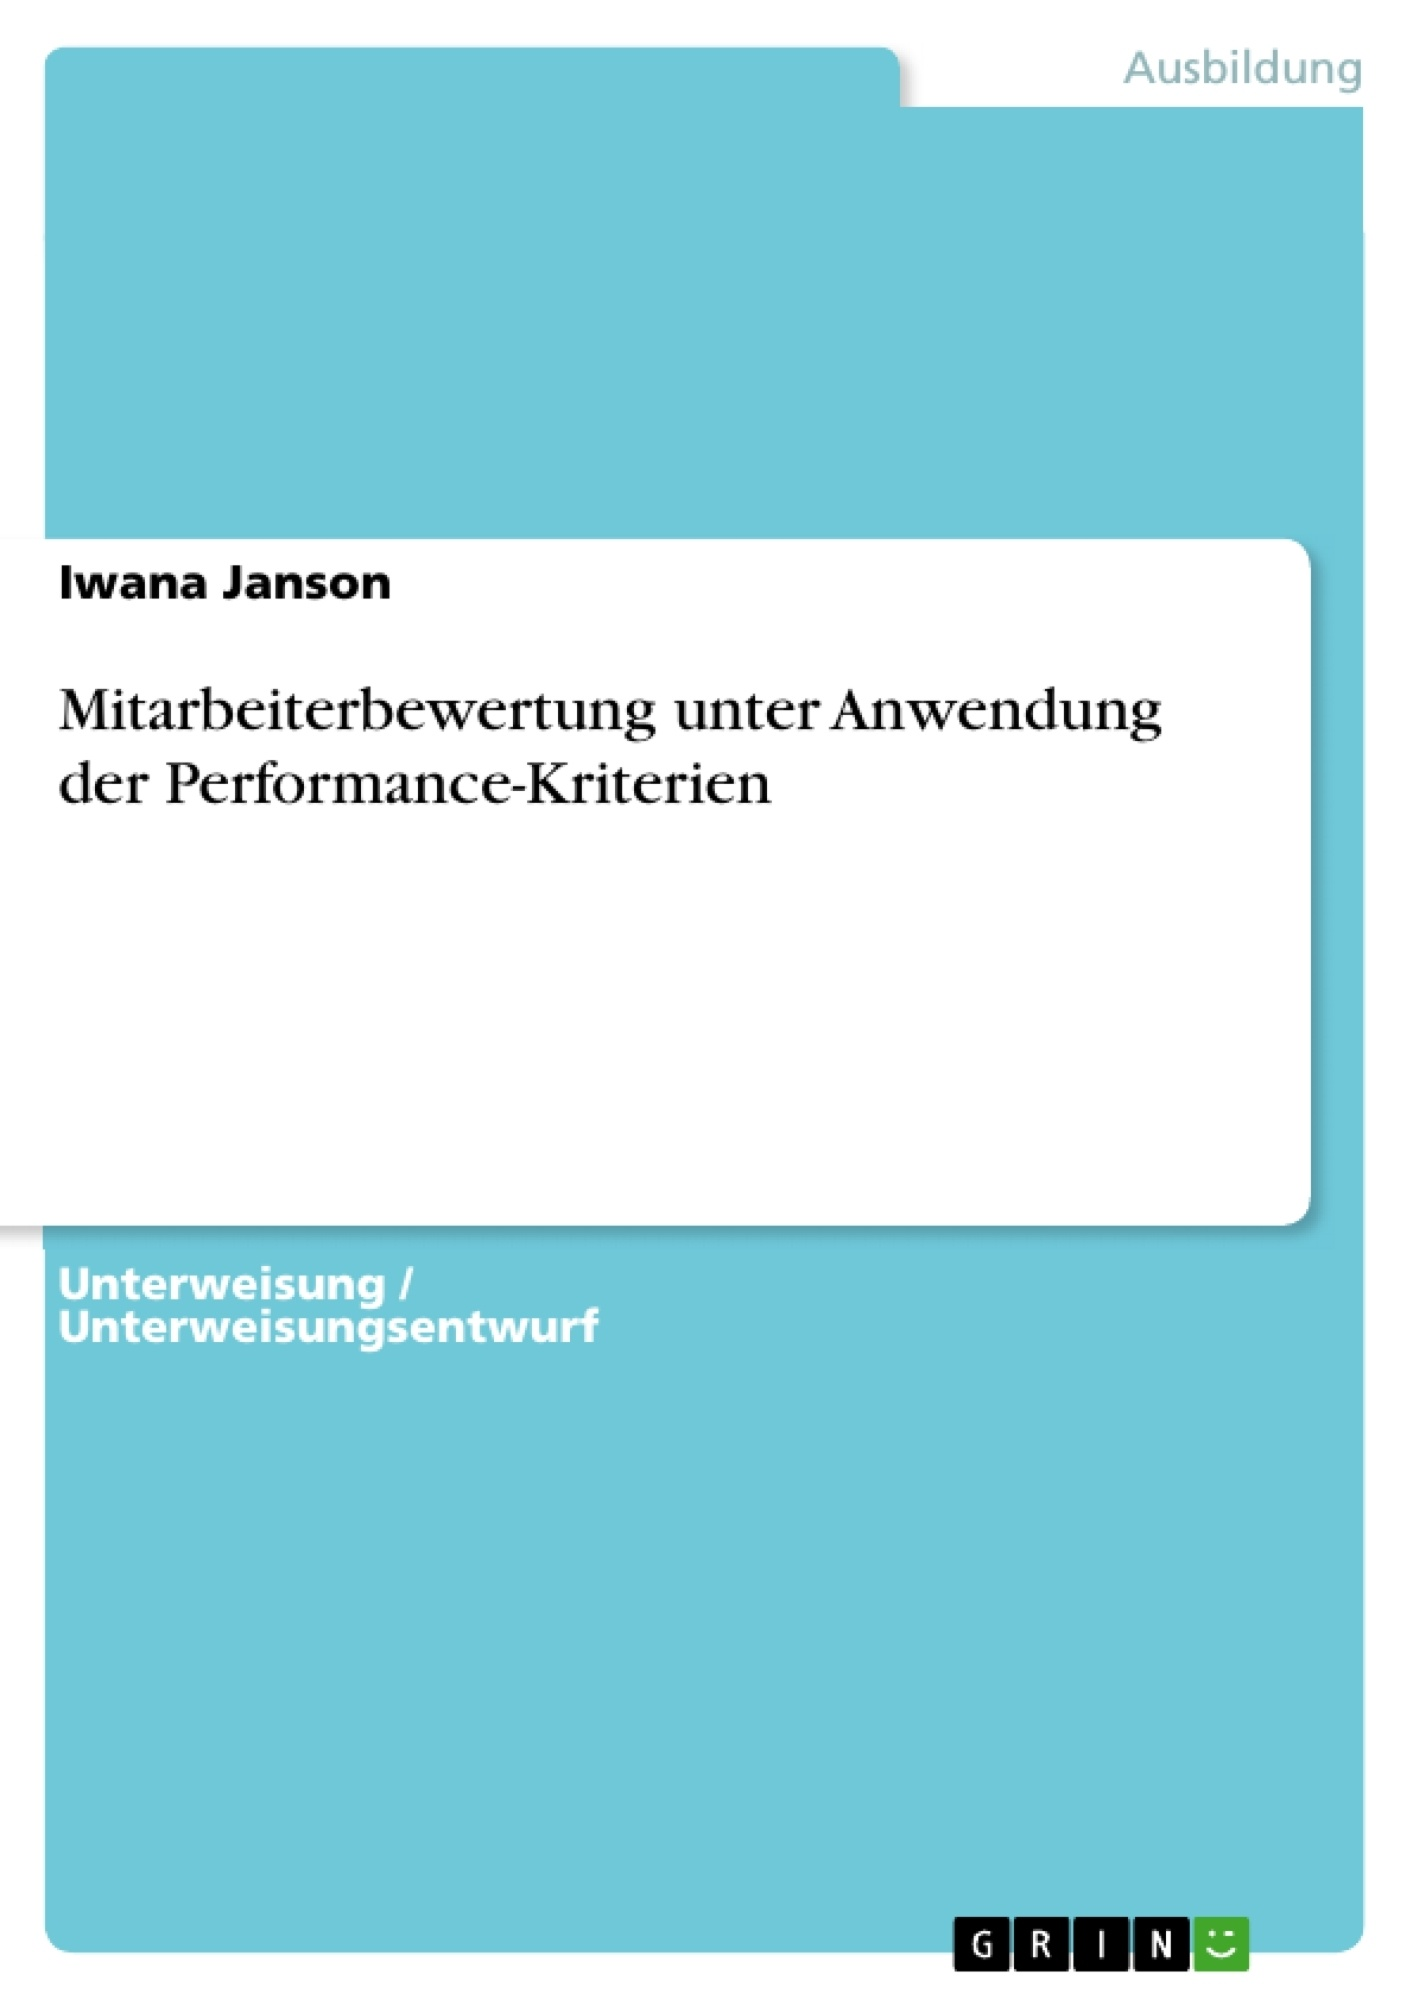 Mitarbeiterbewertung unter Anwendung der Performance-Kriterien ...